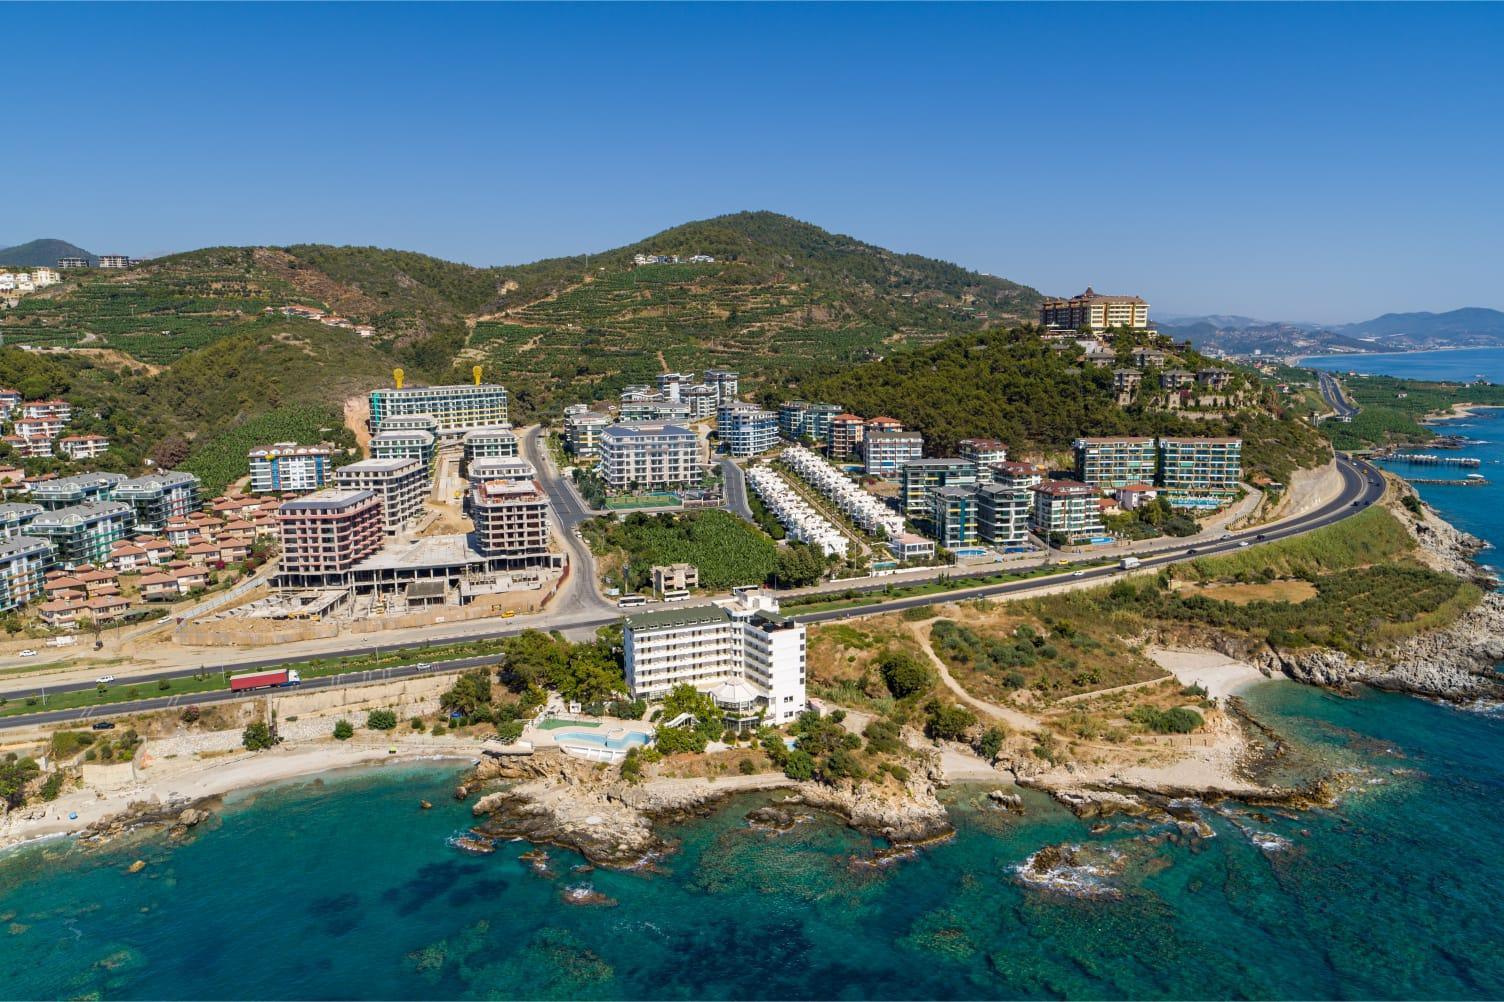 Турция стала мировым лидером по росту цен на недвижимость